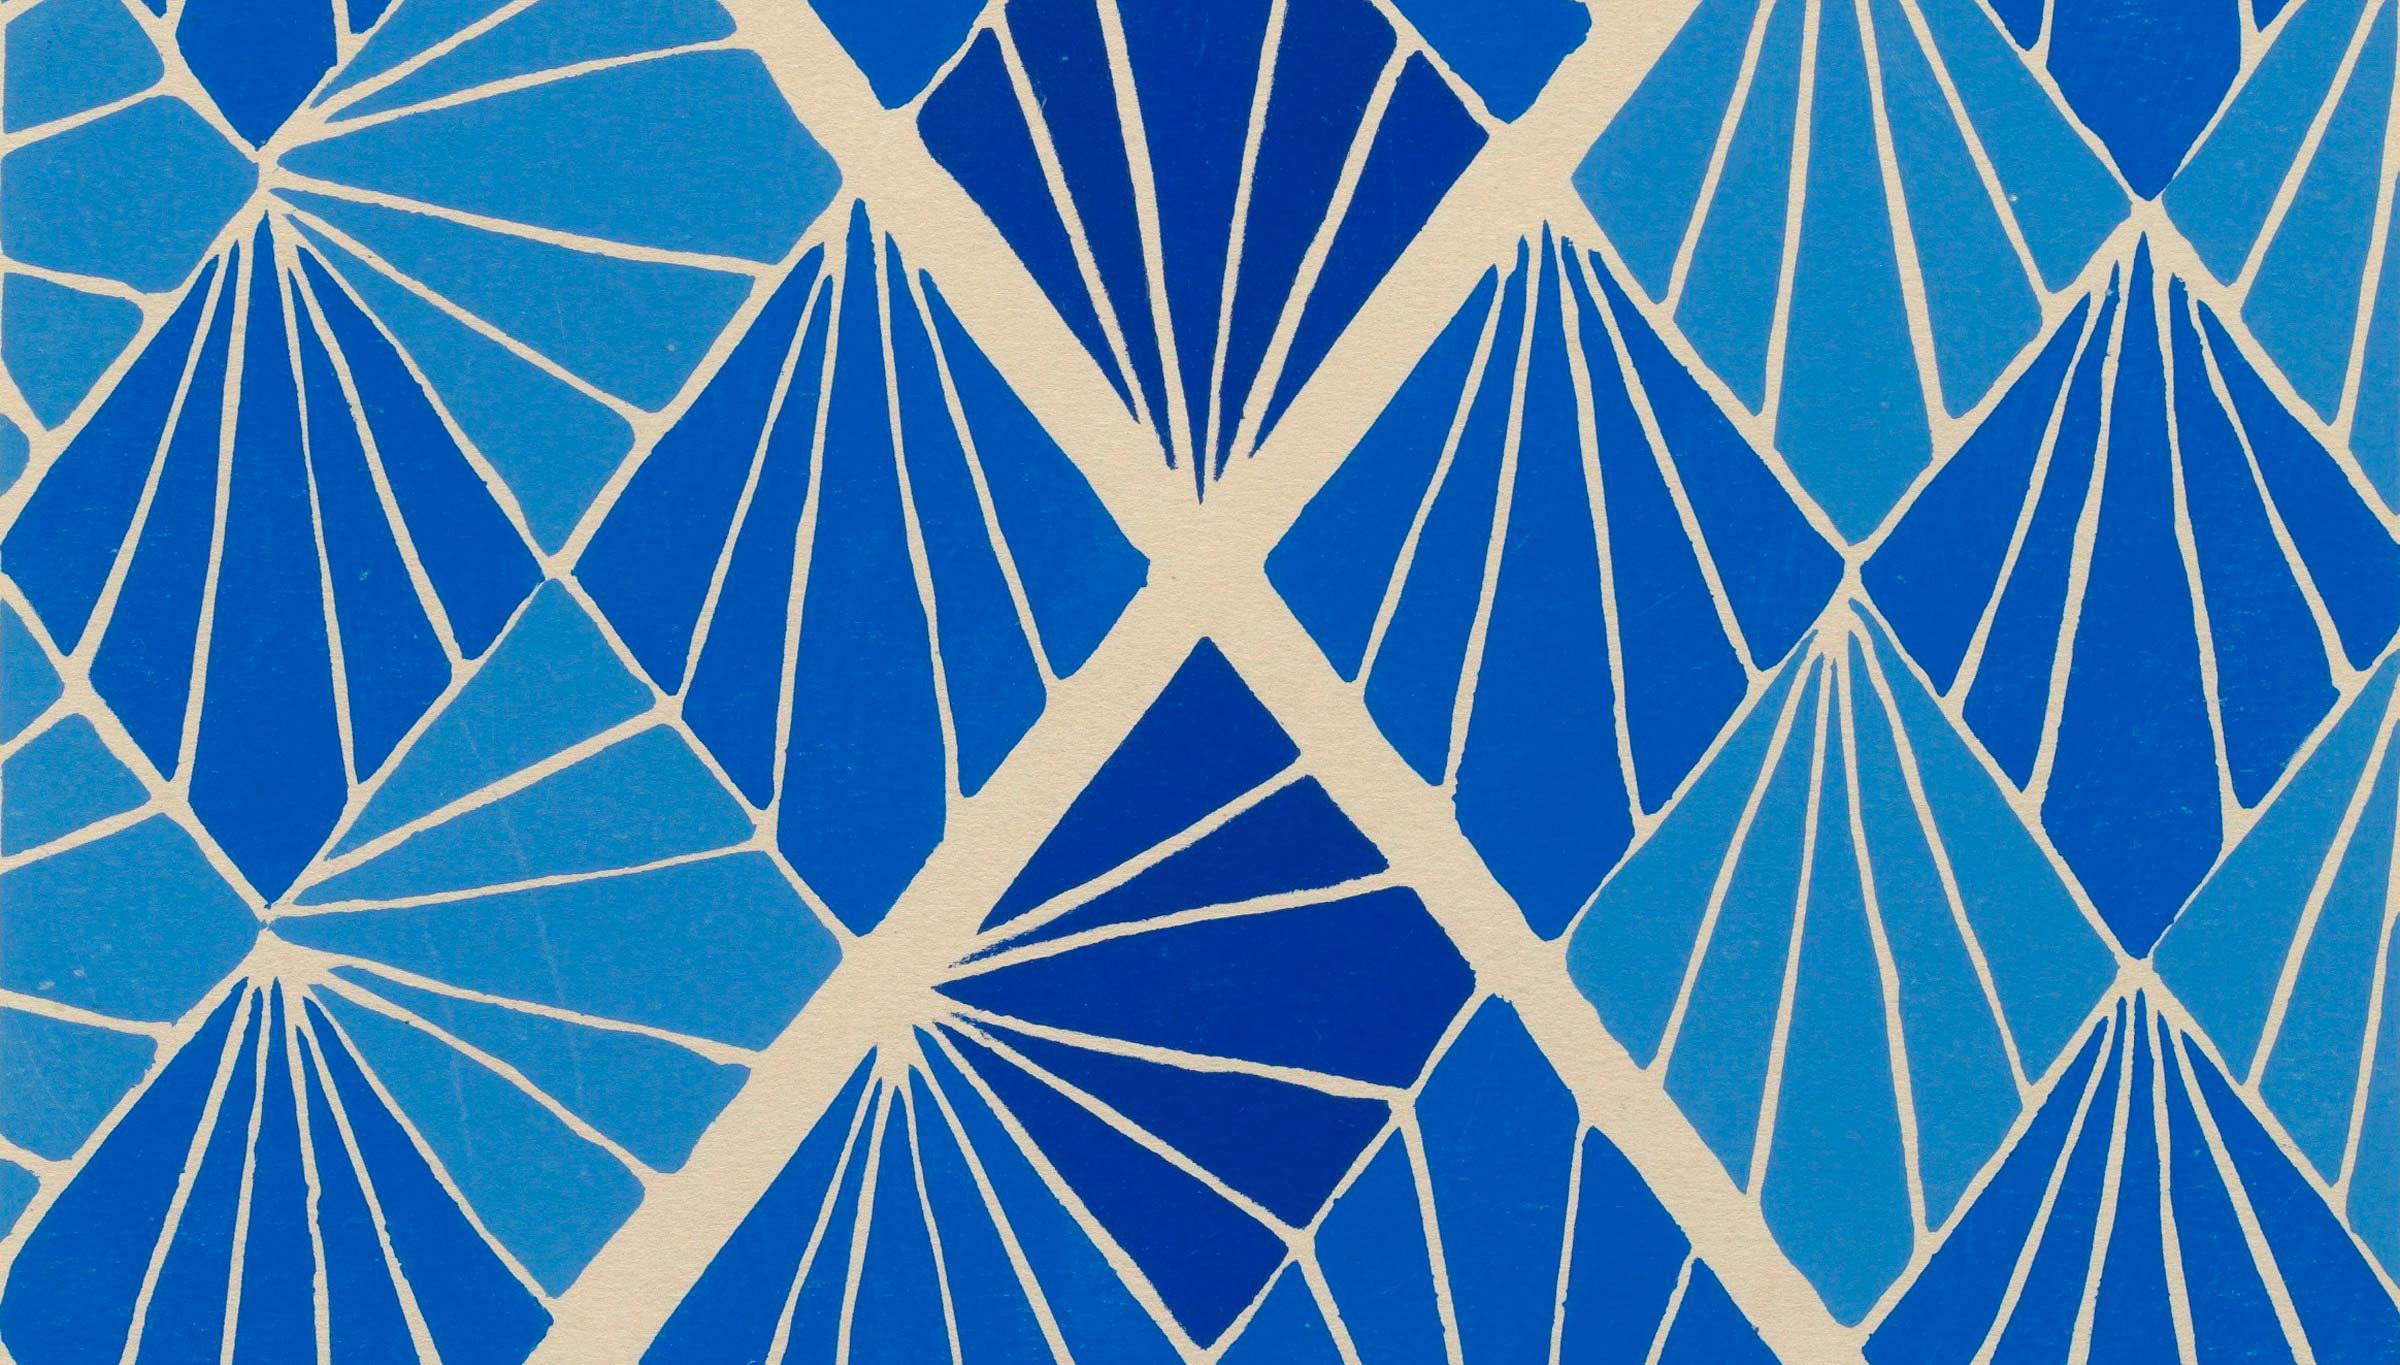 Sonia Delaunay – Compositions, Couleurs, Idées